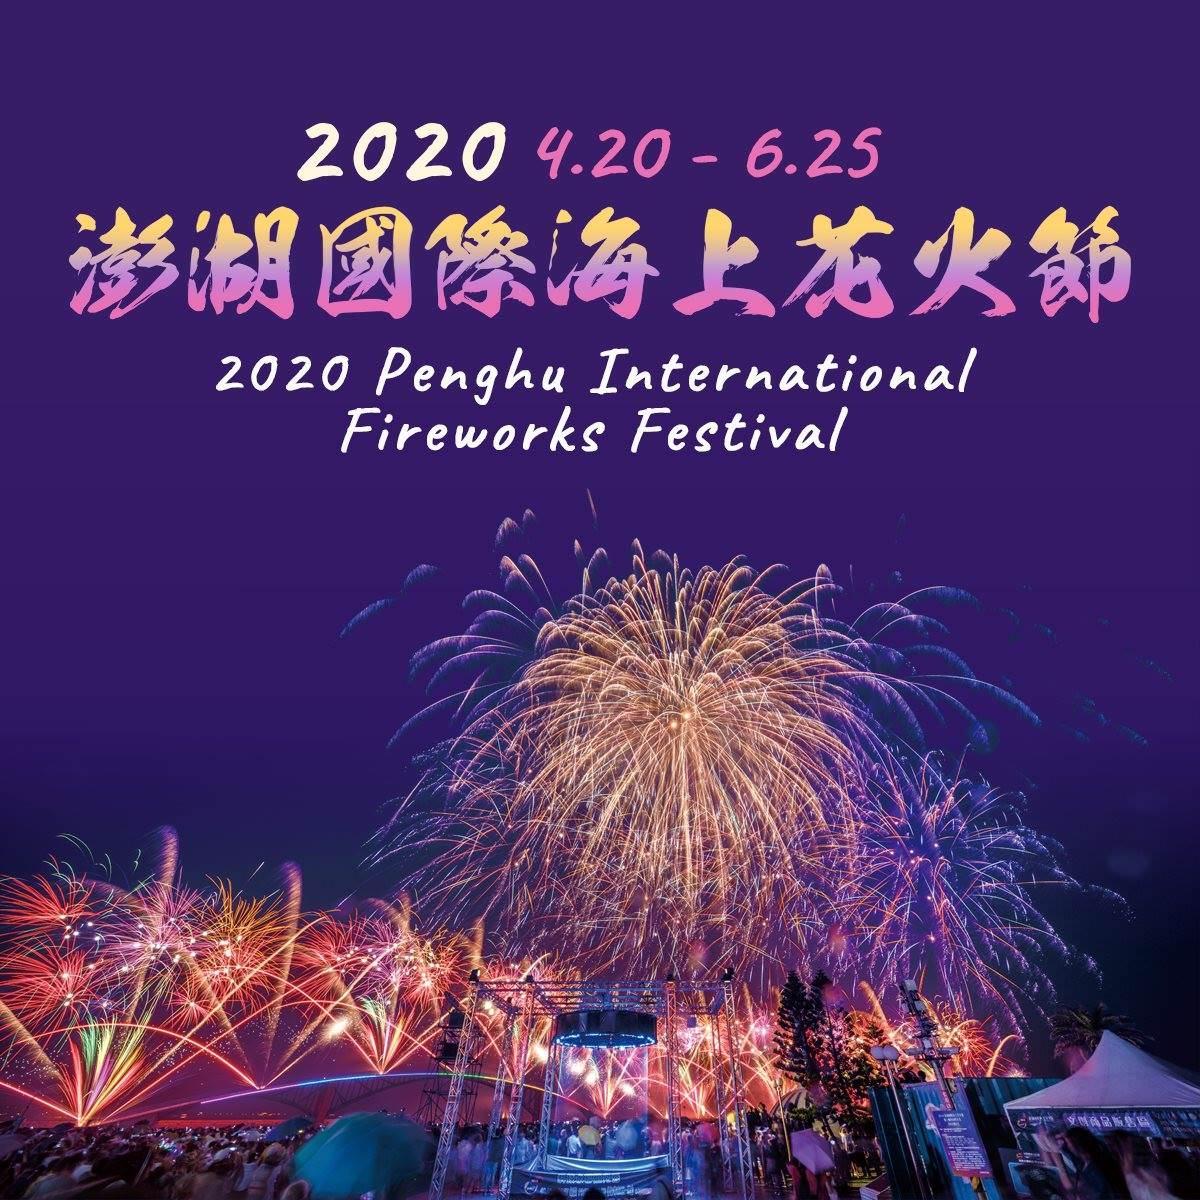 【2020澎湖國際海上花火節】煙火場次、景點、交通、海景民宿全攻略!